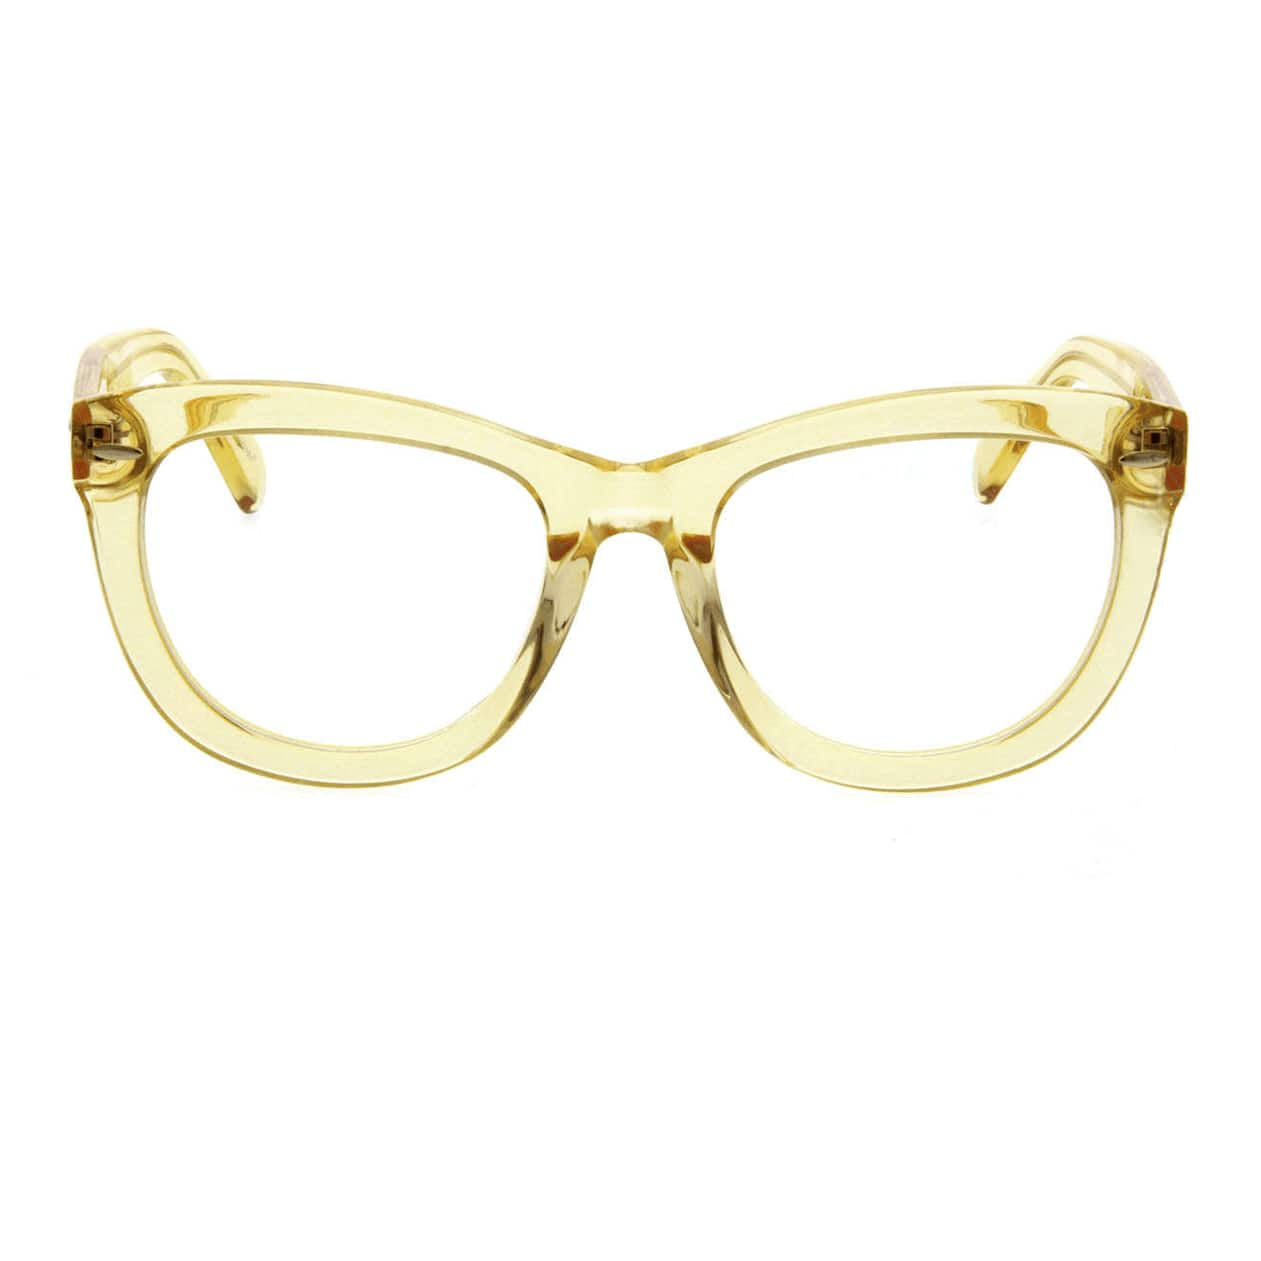 2016 Eyeglass Frames Trends For Women ...